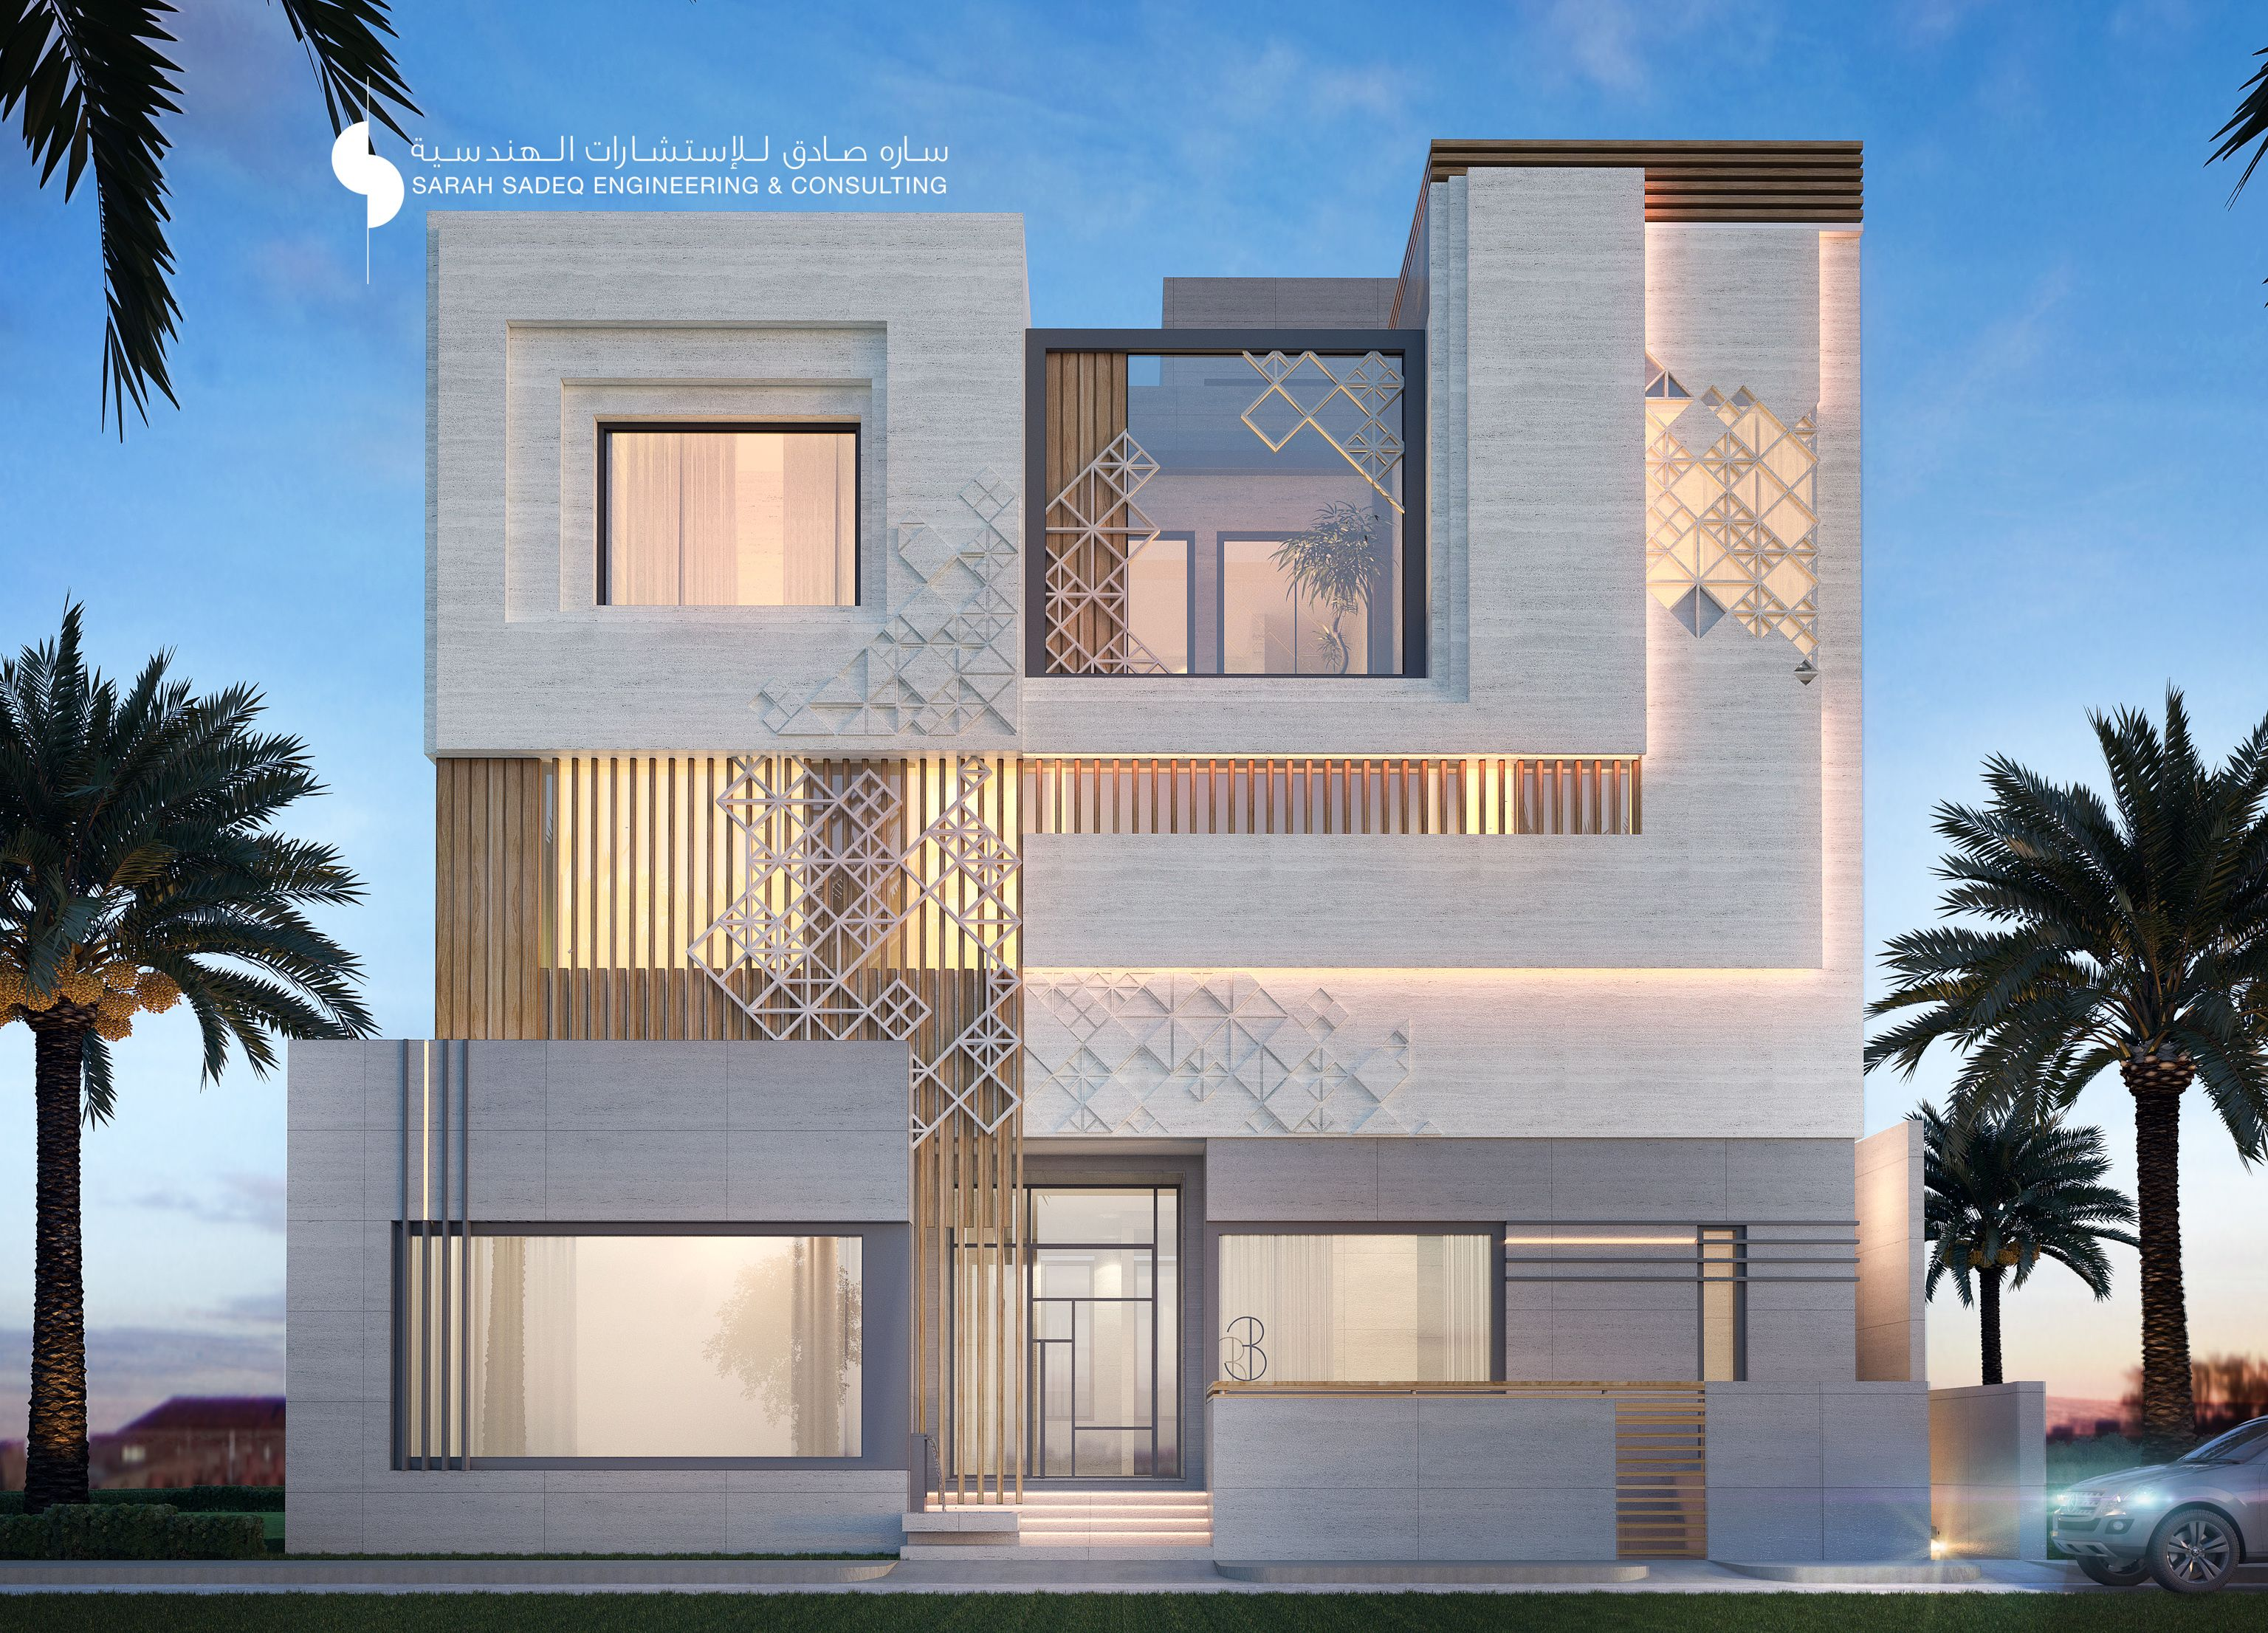 صوره تصميم منازل , اناقه التصميم الخارجى للمنزل